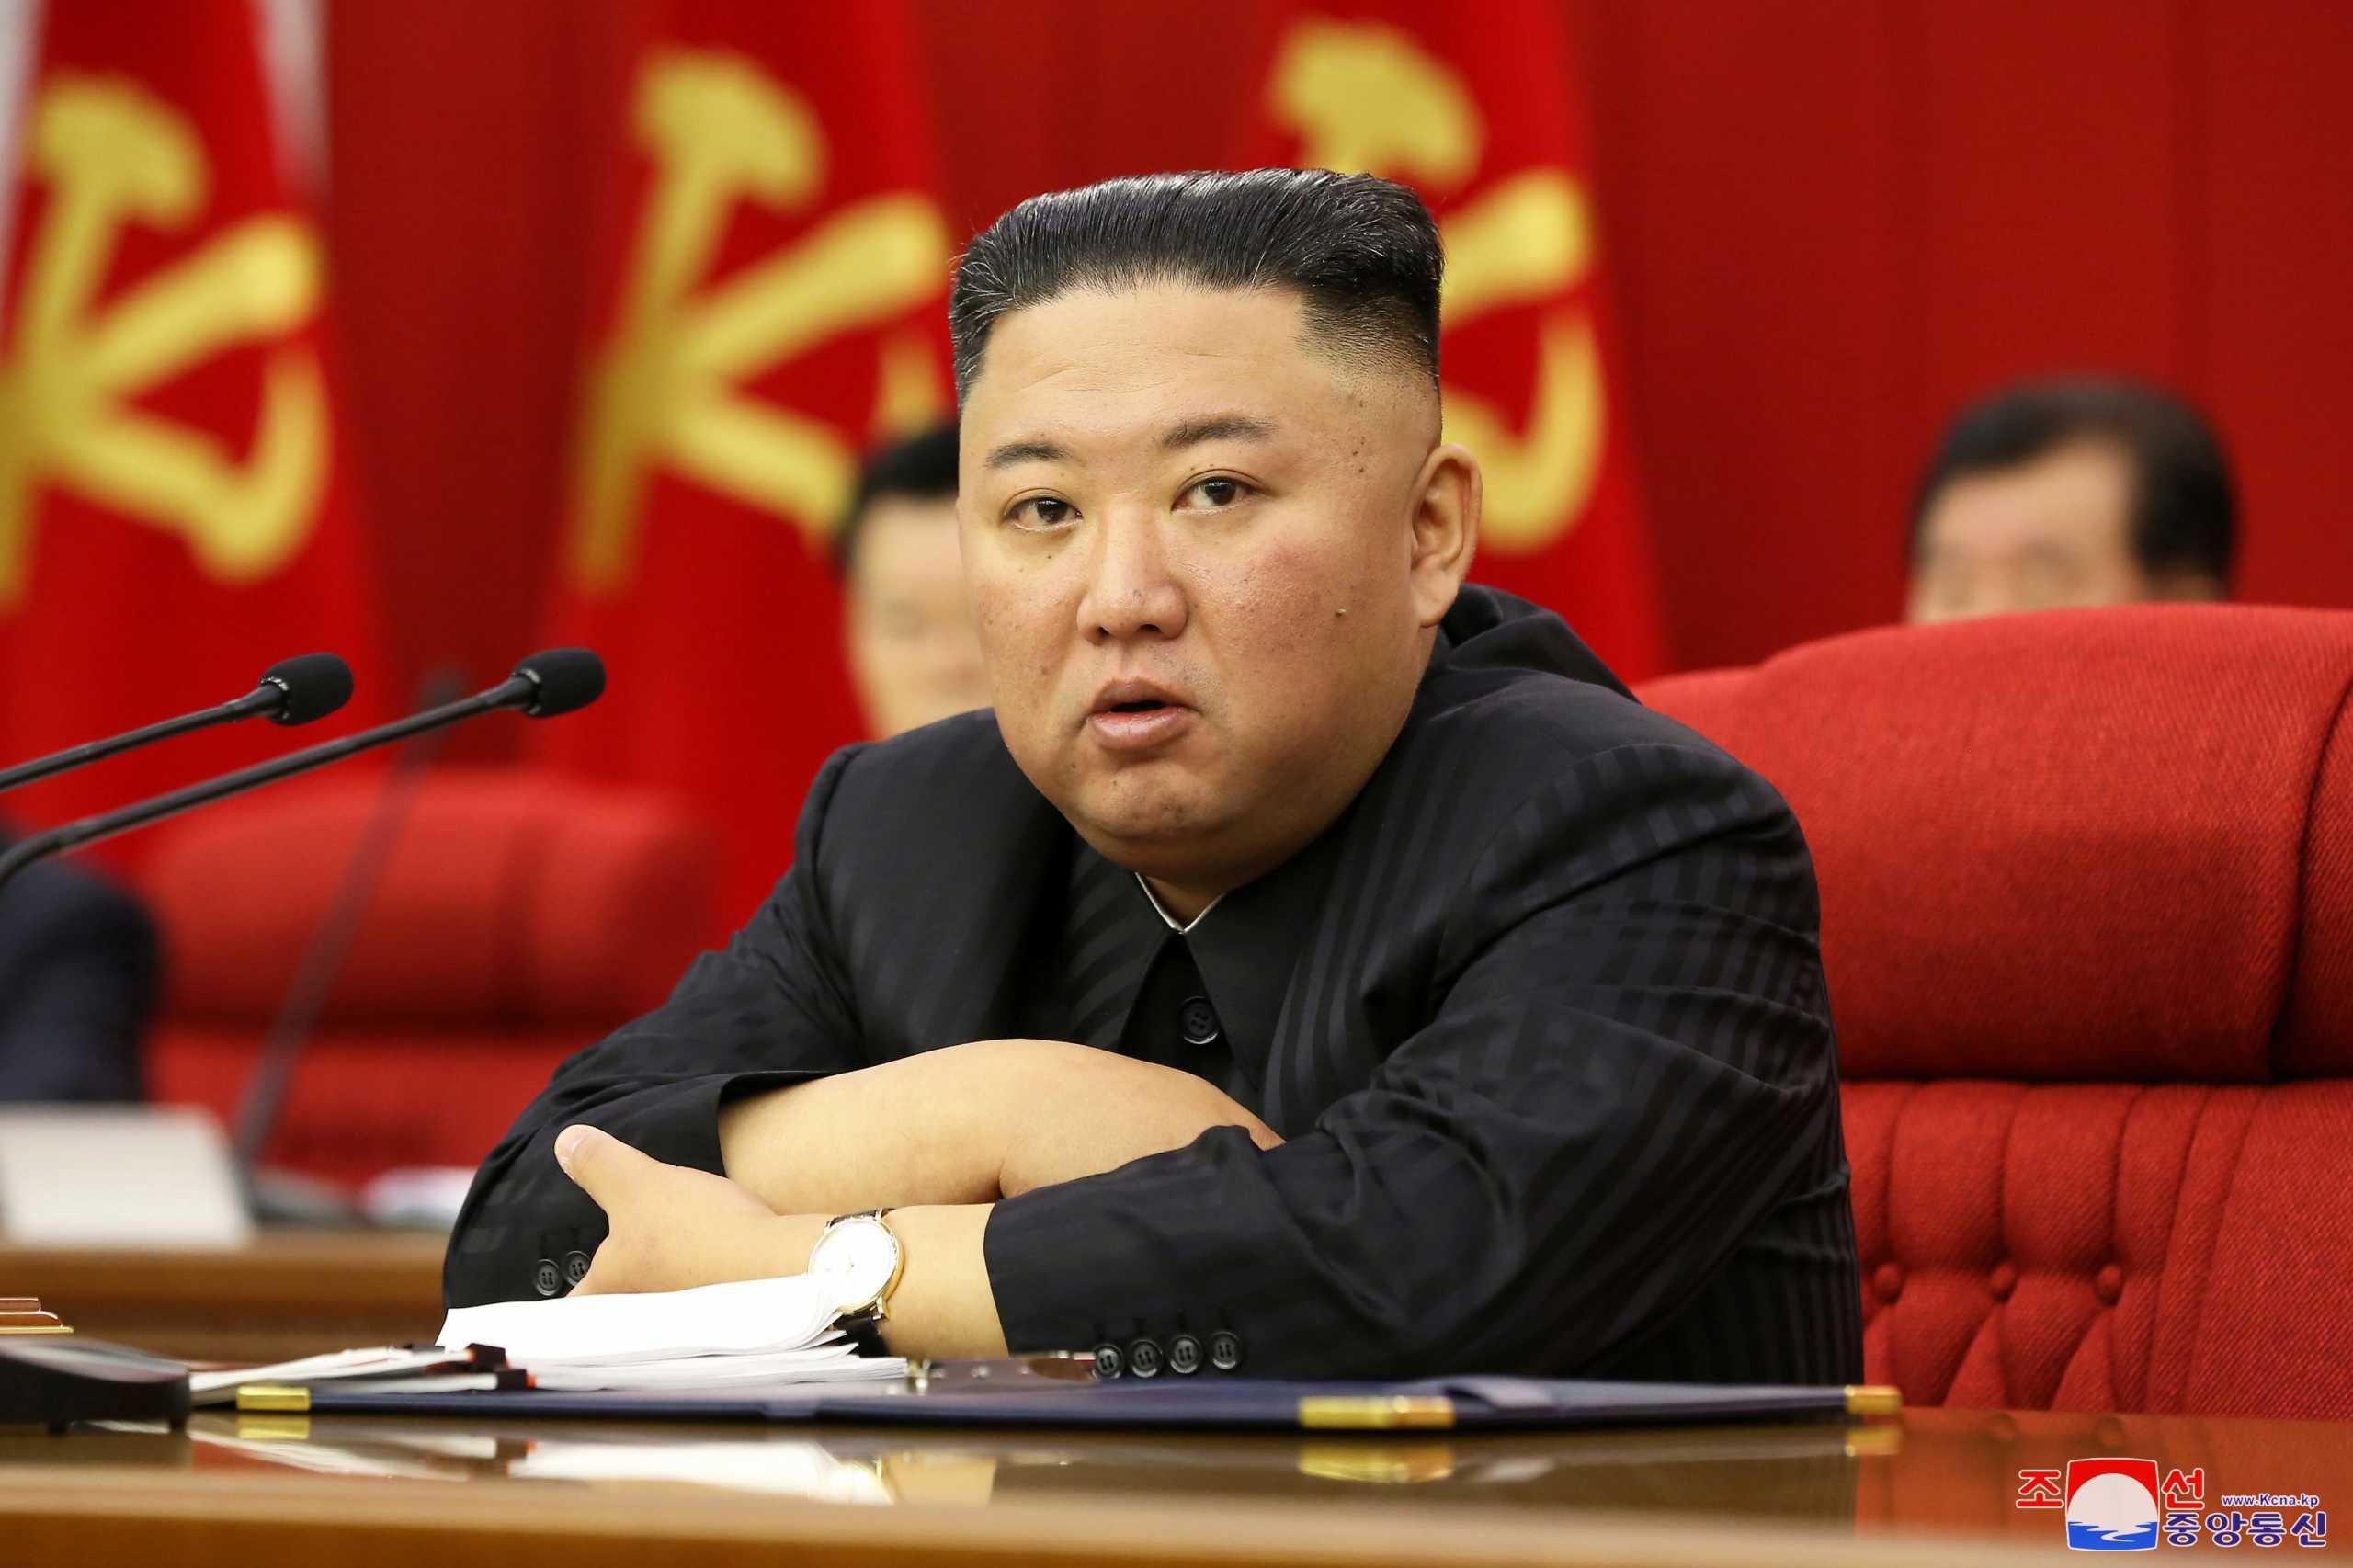 Ο Κιμ Γιονγκ Ουν μπορεί να έχει χάσει έως και 20 κιλά – Αναπάντητο αν έχει πρόβλημα υγείας